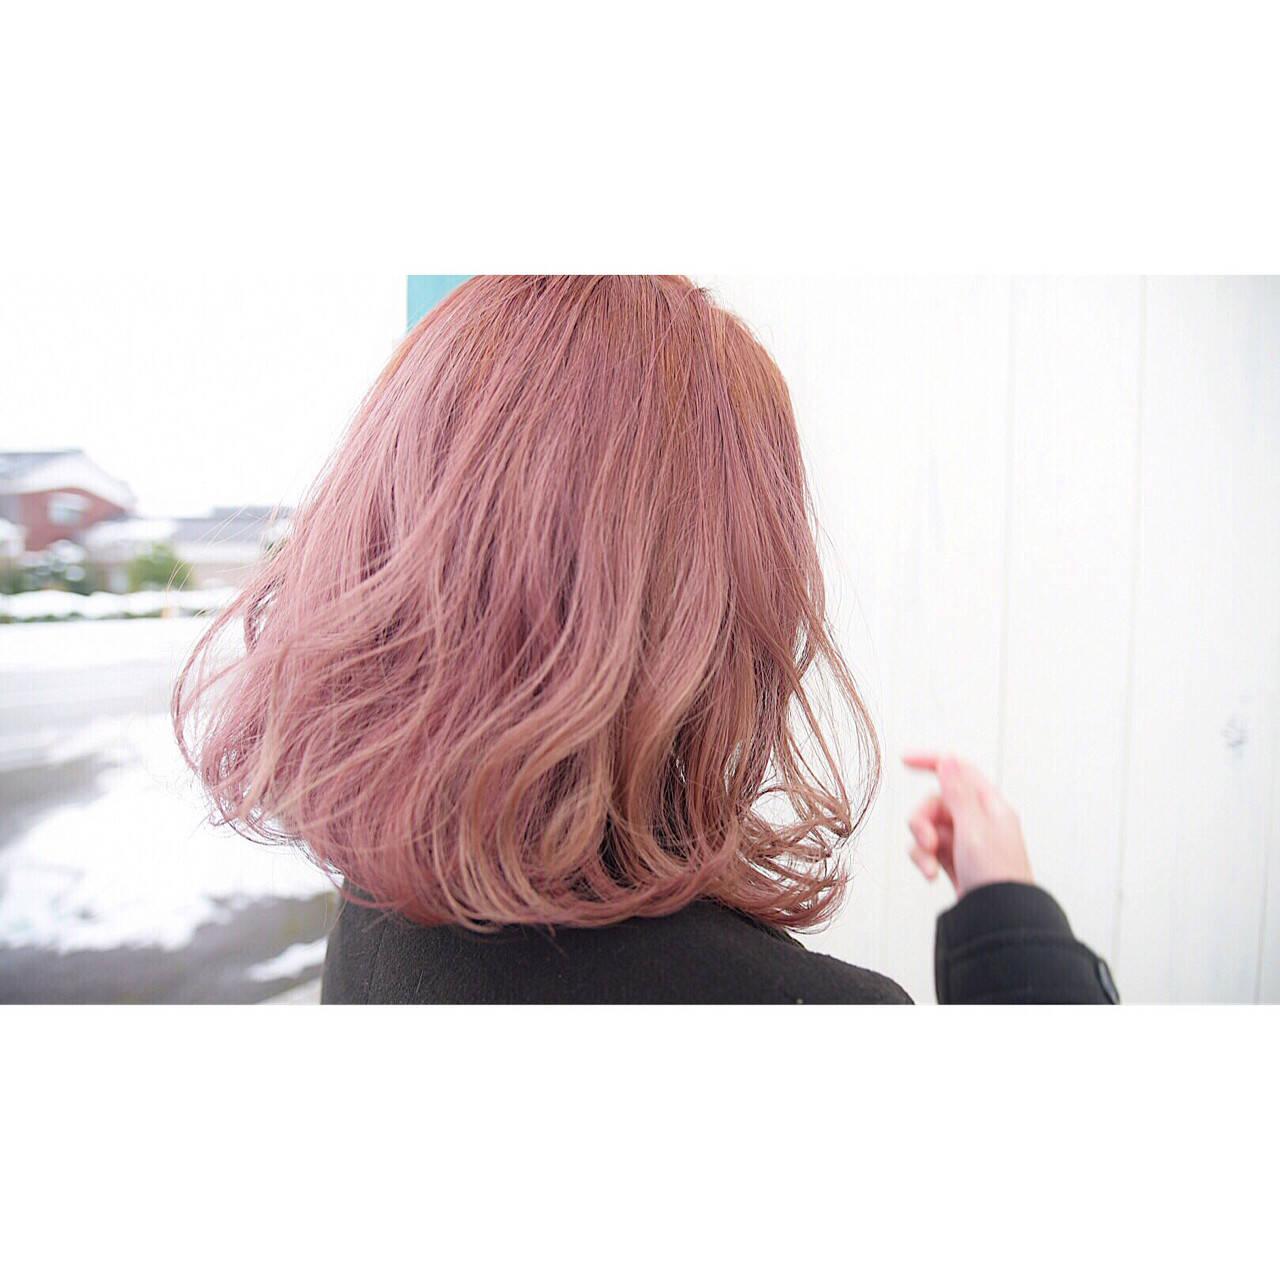 ボブ ピンク ブリーチ ガーリーヘアスタイルや髪型の写真・画像